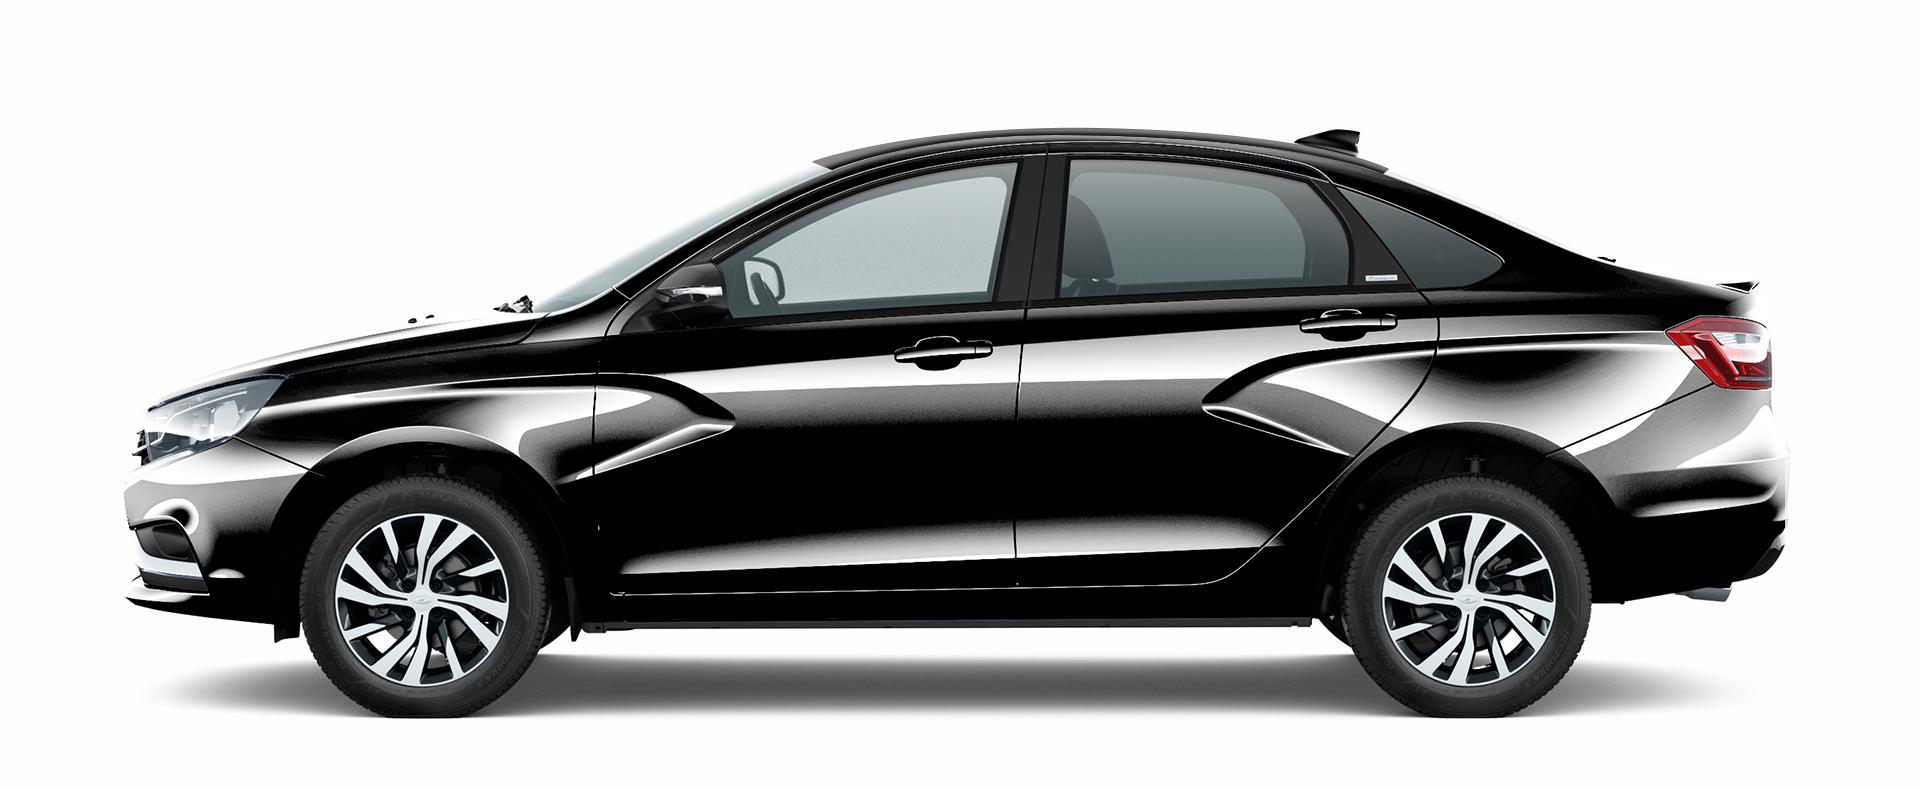 Седан Лада Веста – чего ожидать от автомобиля?